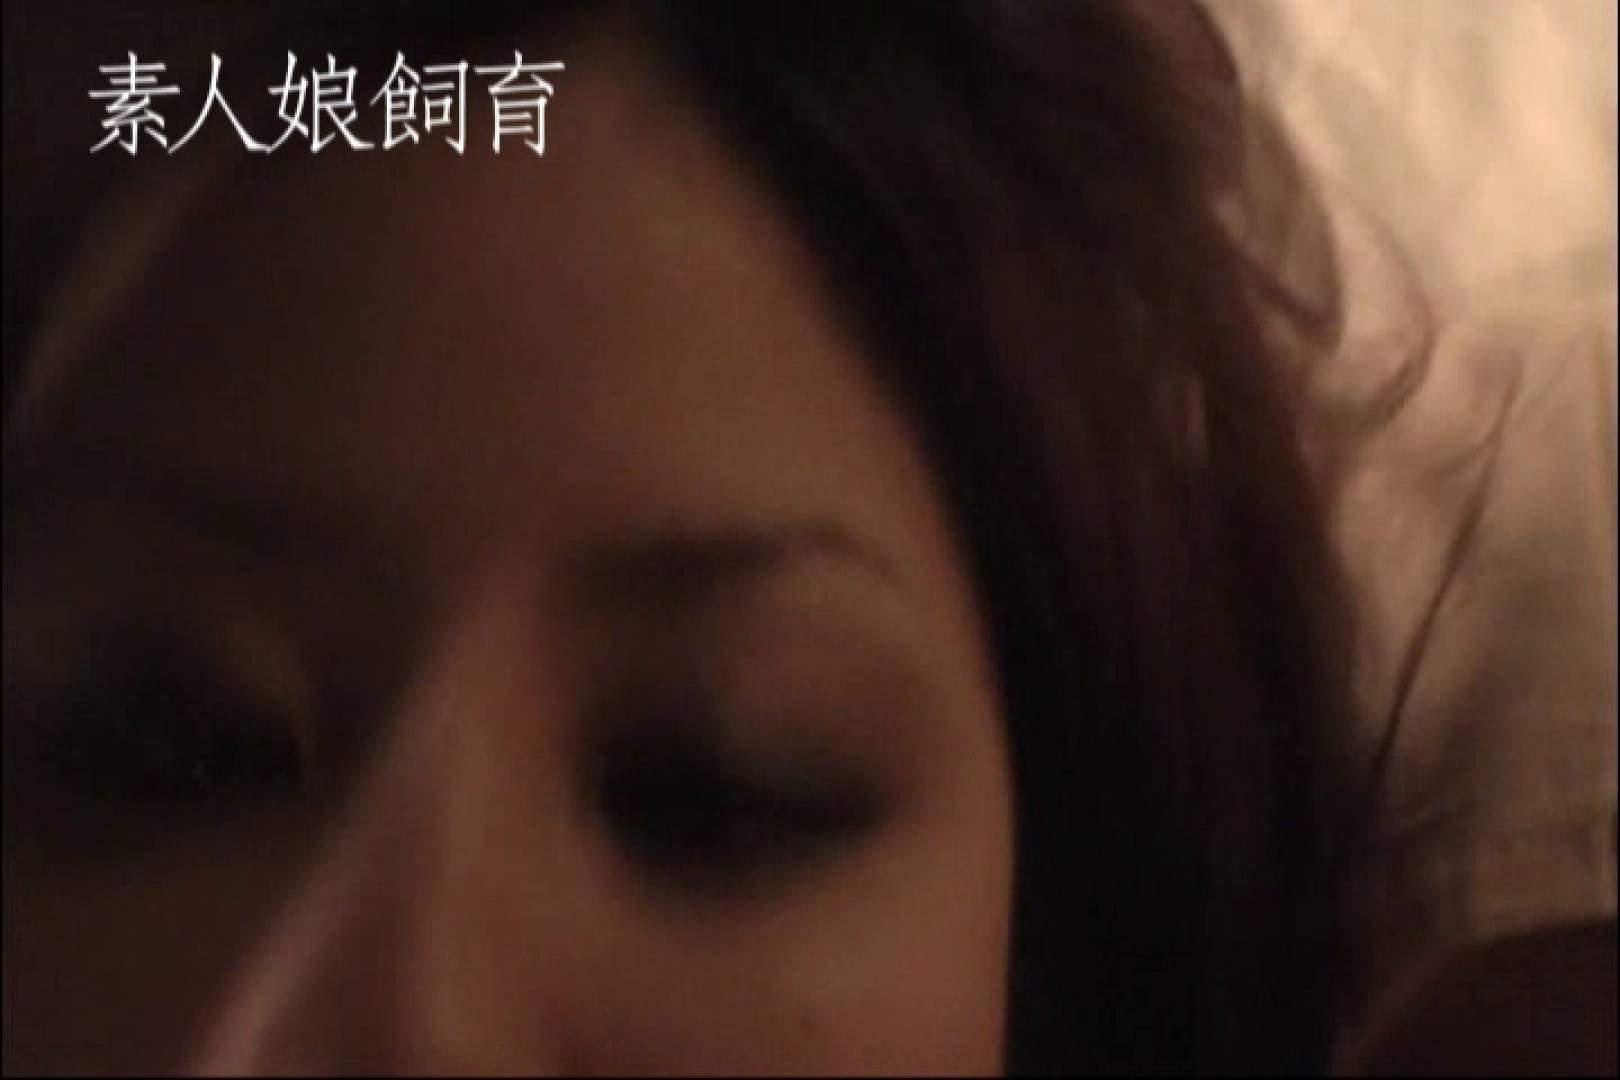 素人嬢飼育~お前の餌は他人棒~ラブホS男に貸出し後編 投稿映像 セックス無修正動画無料 106pic 22